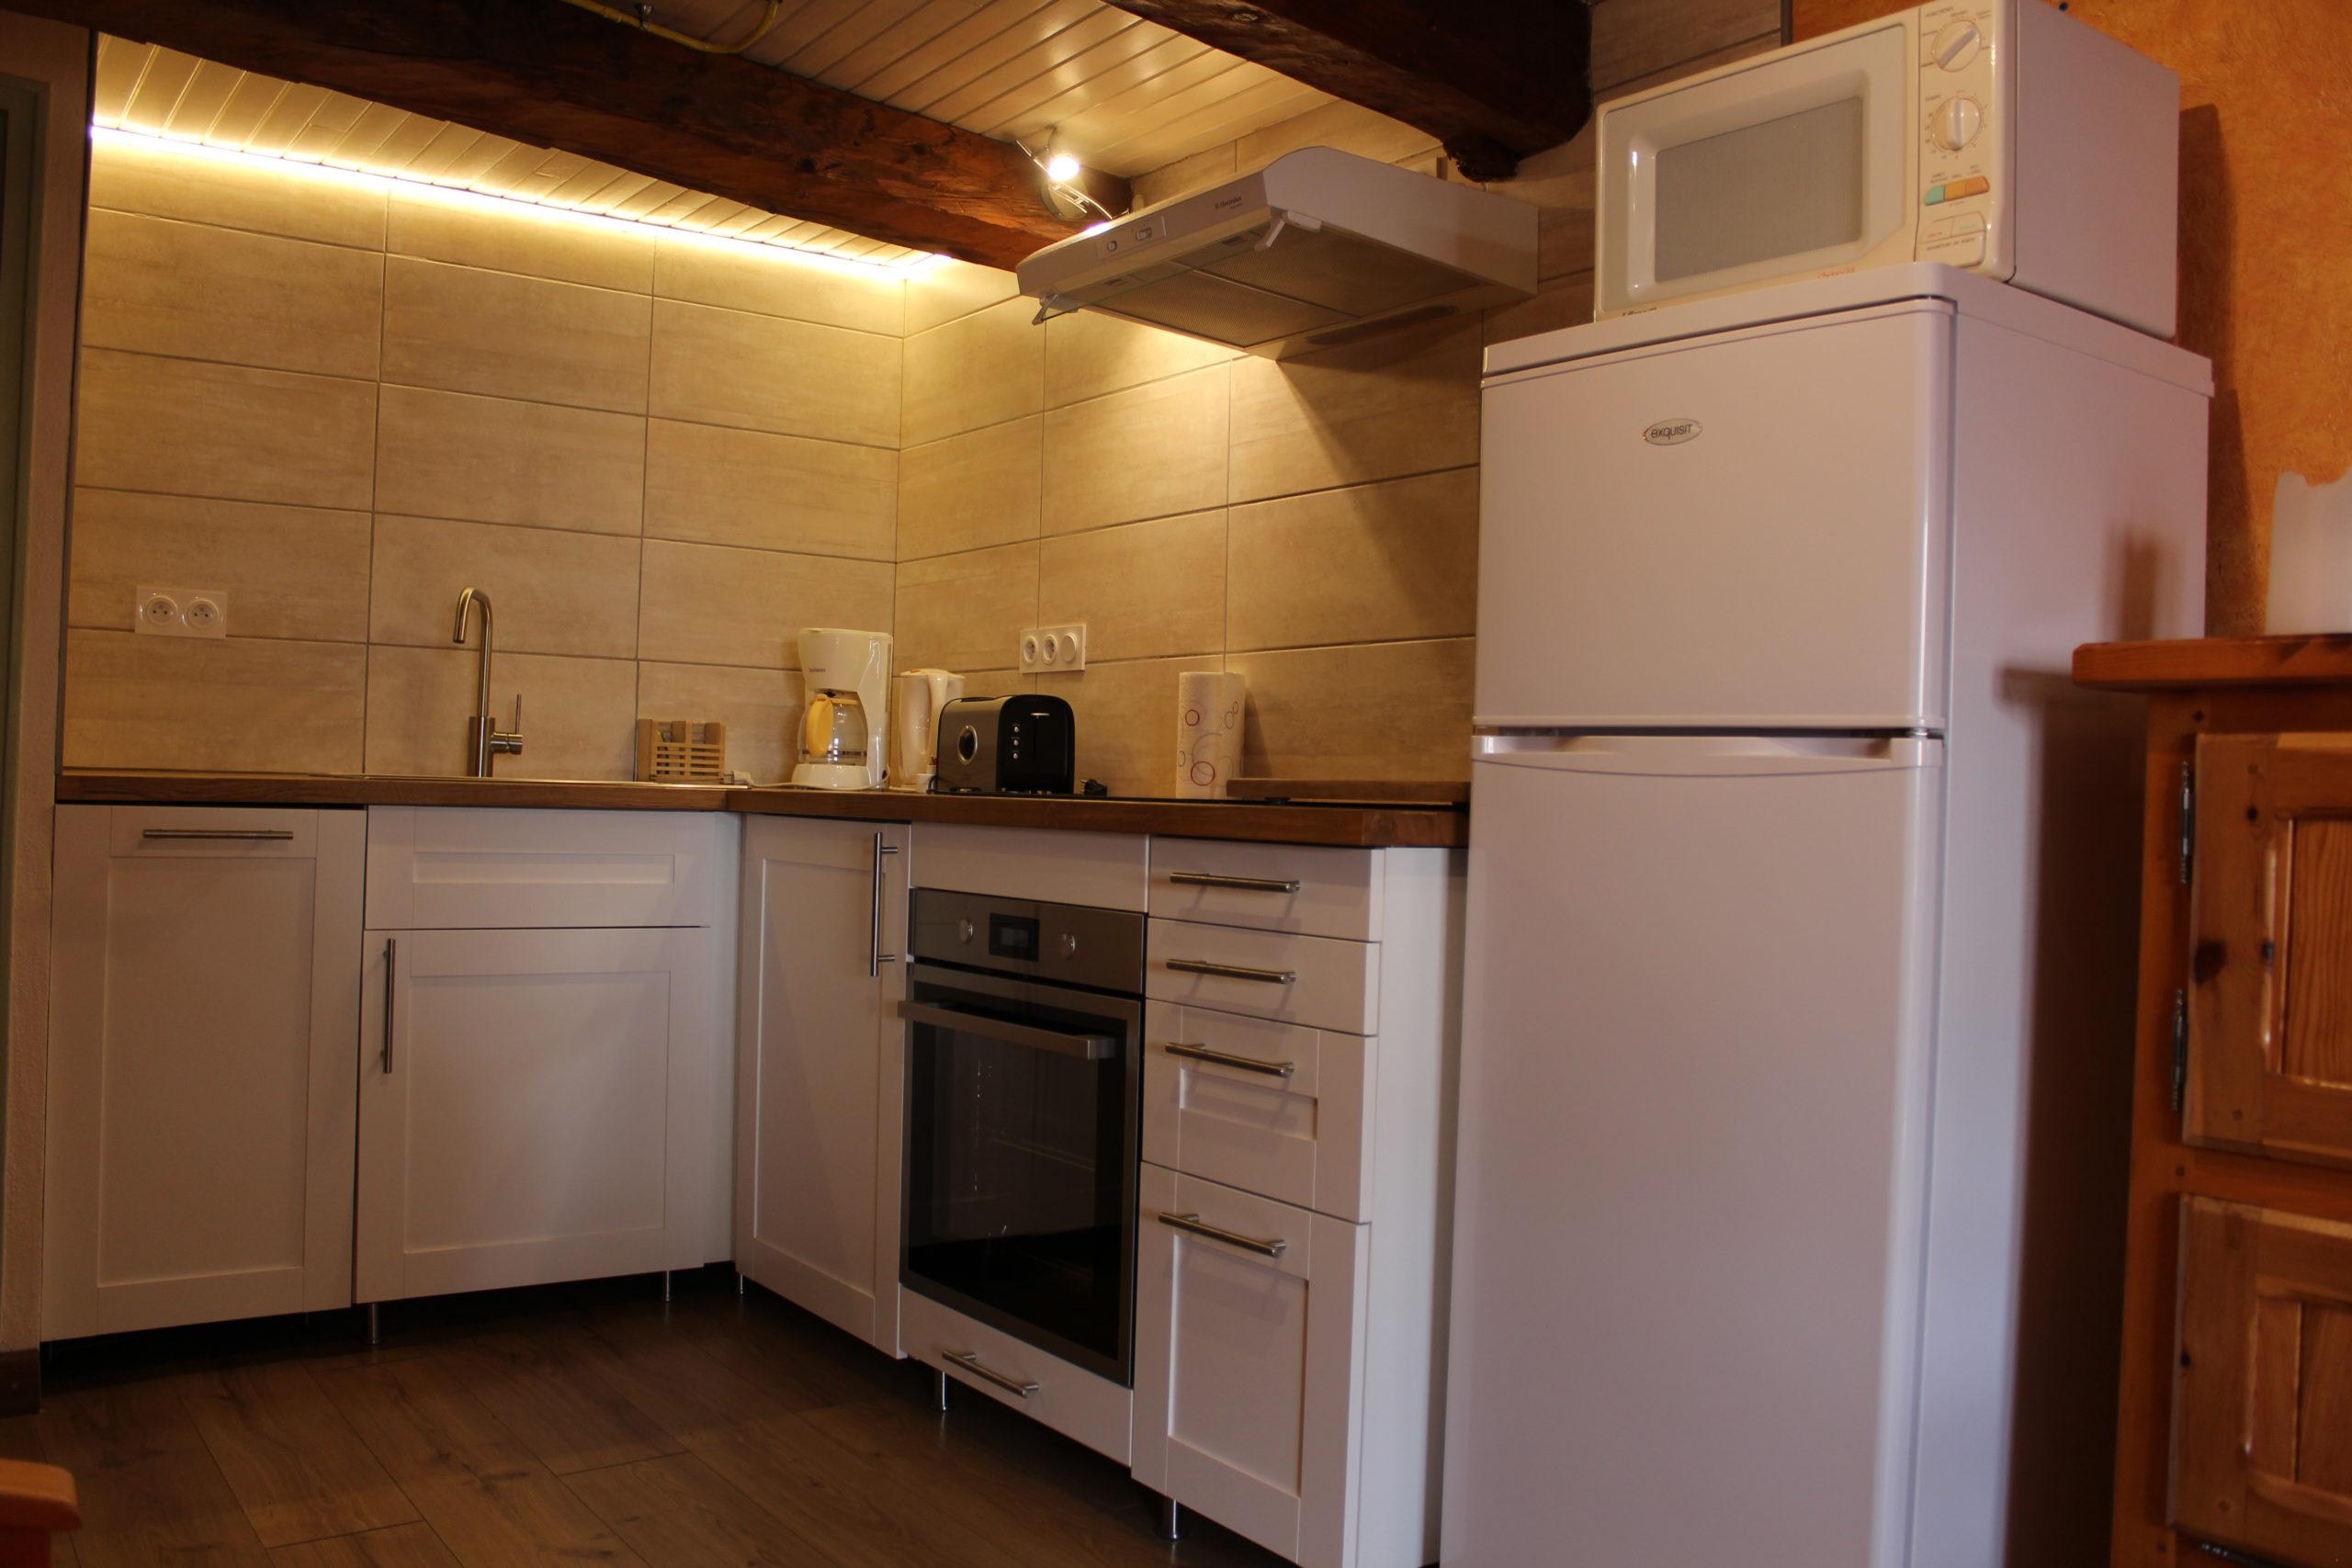 Cuisine blanche avec frigo au premier plan